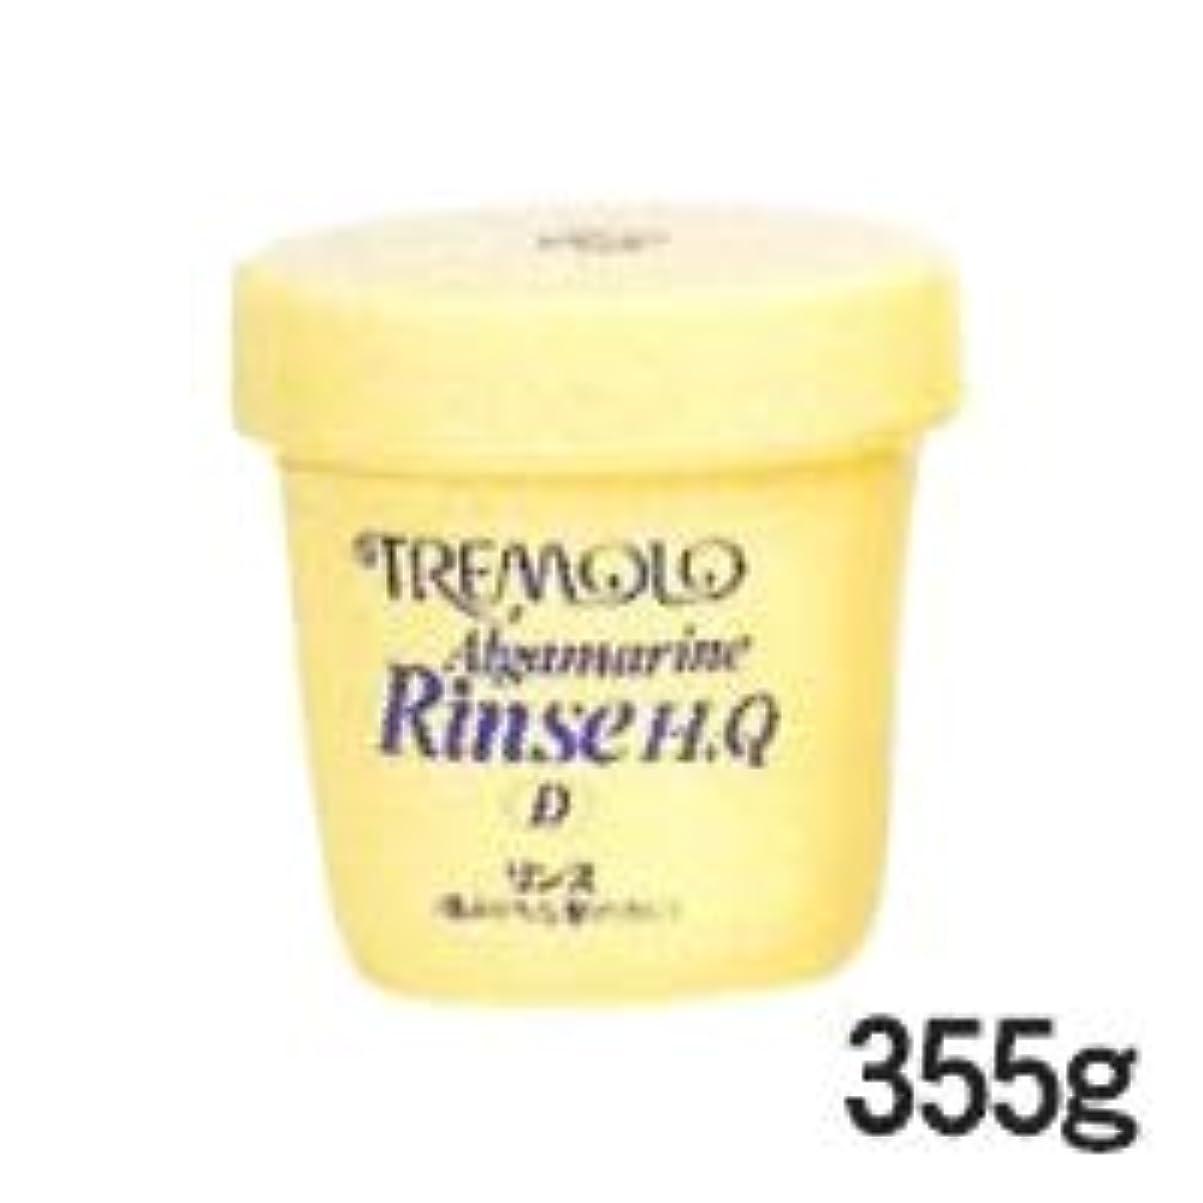 支店目指す慣性トレモロ アルグマリーン リンス Q ドライヘア用 355g